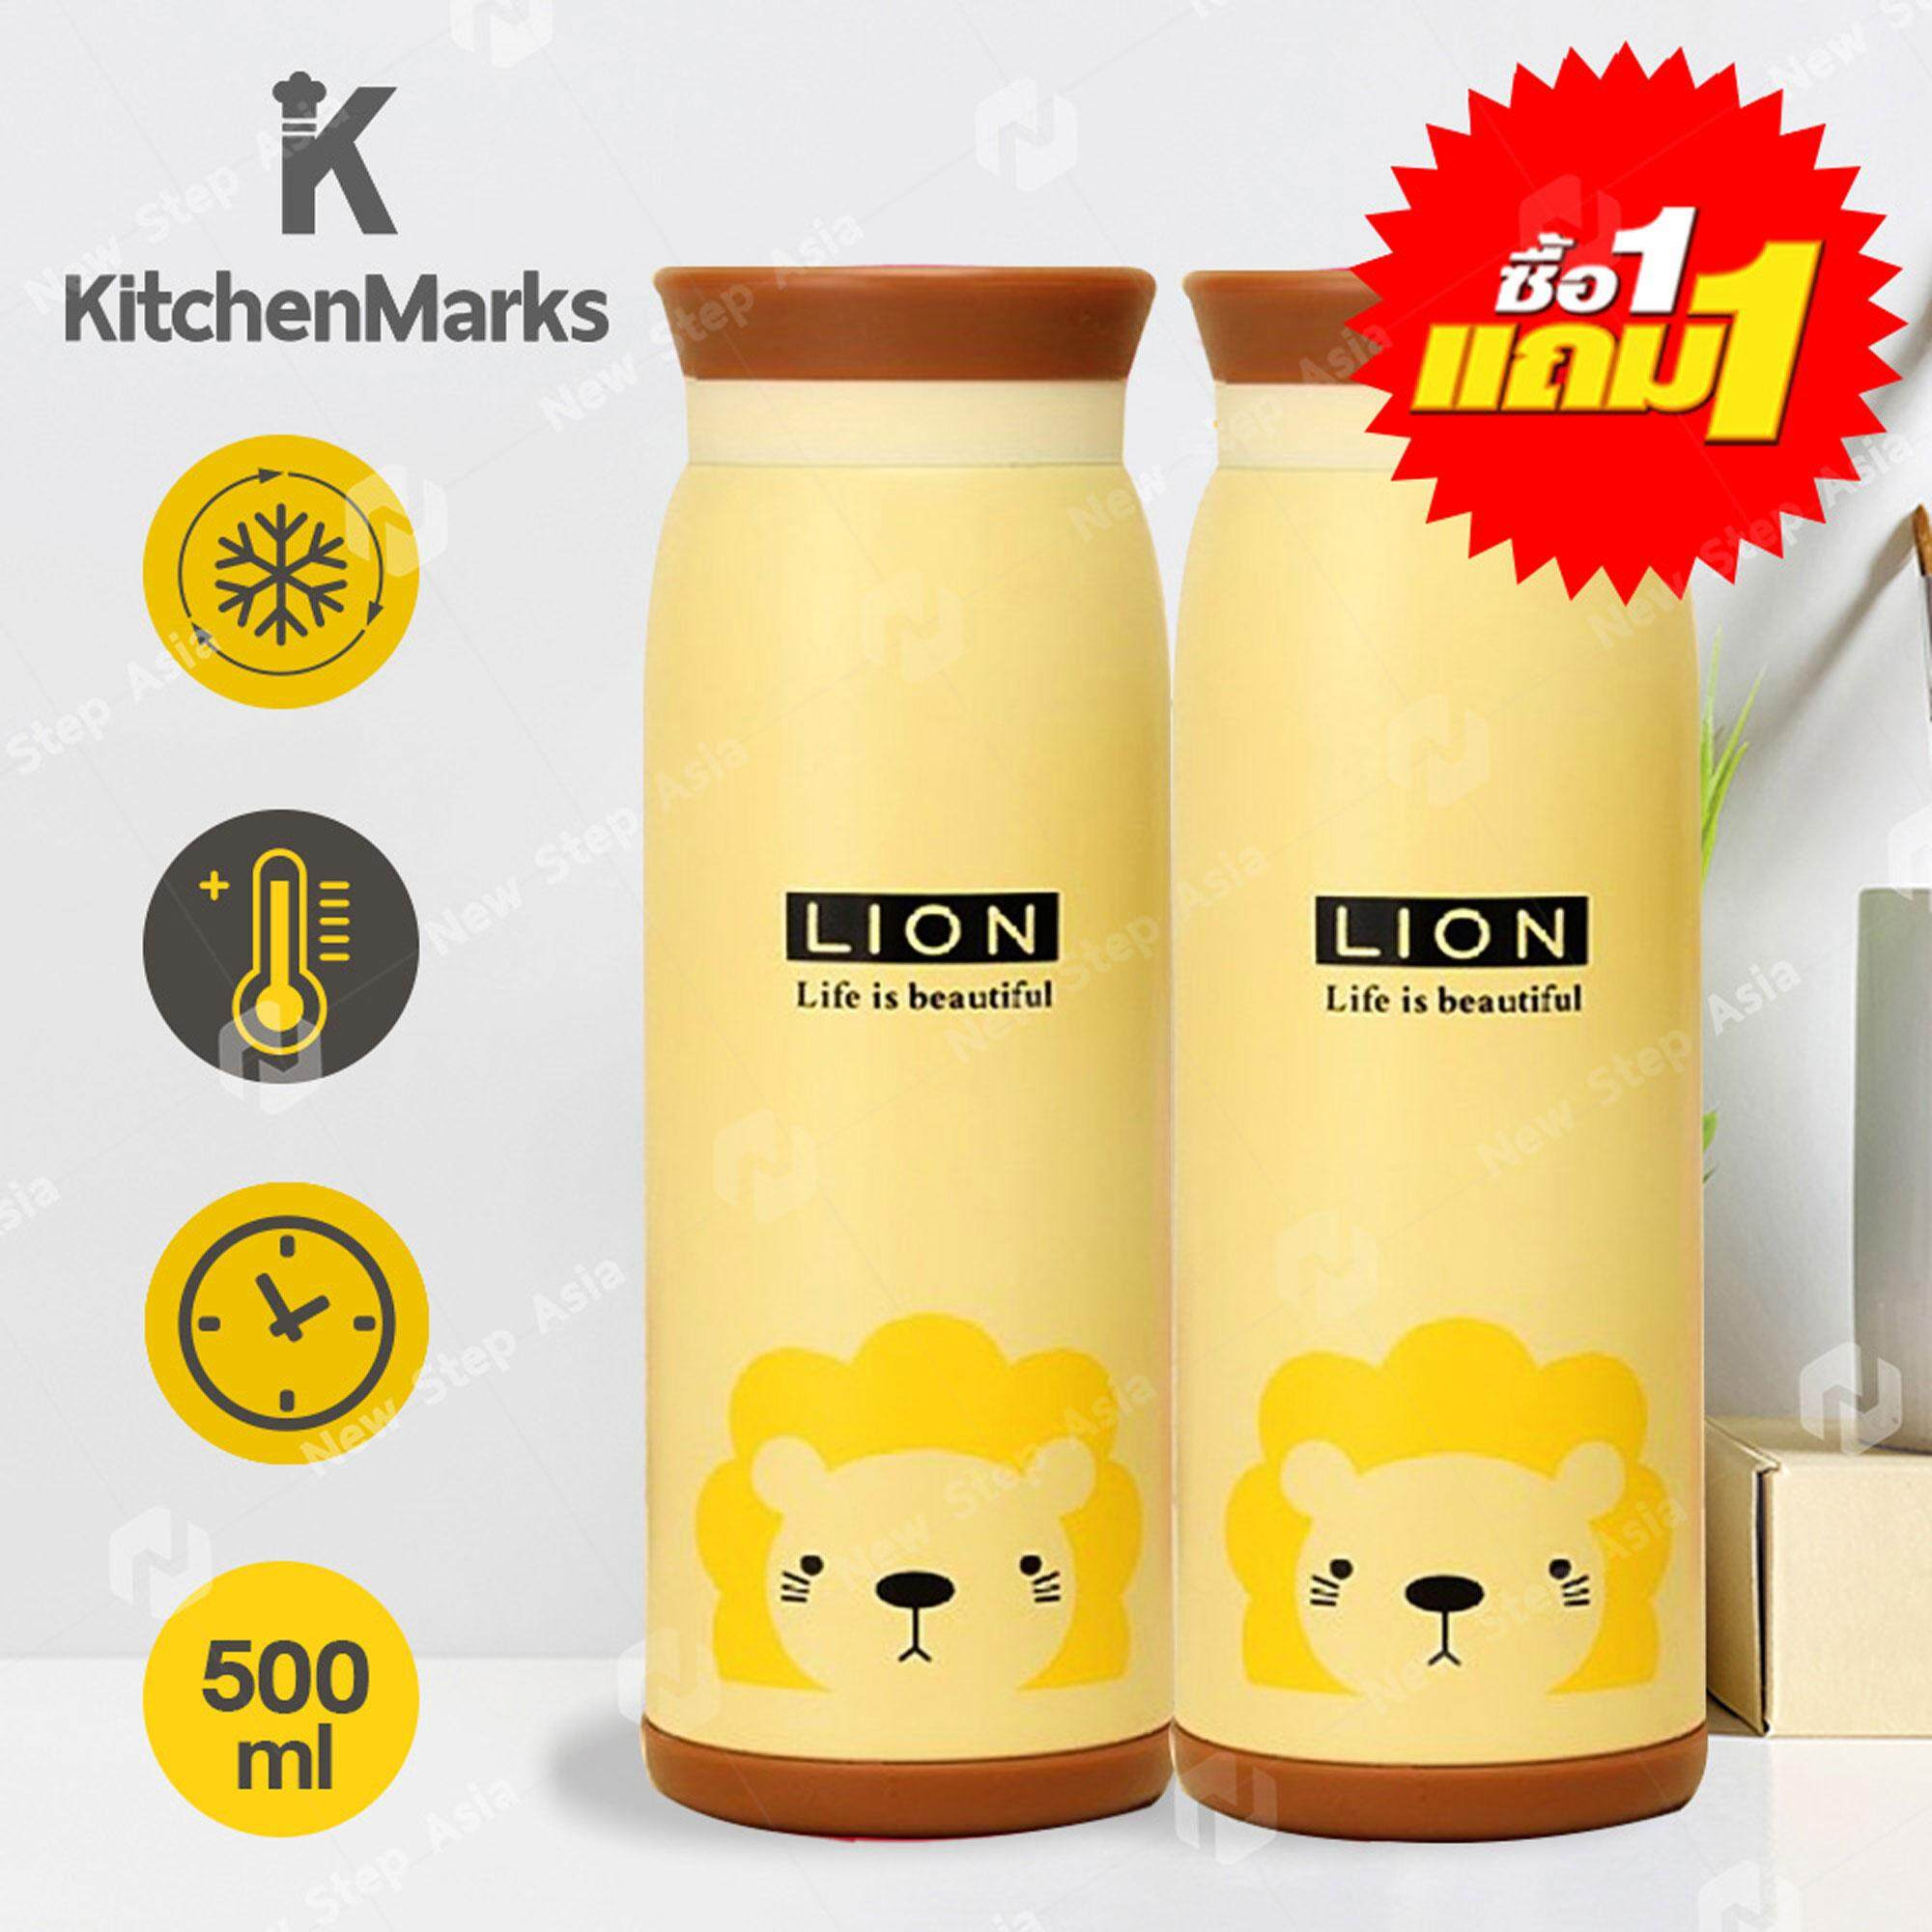 [ซื้อ 1 แถม 1] Kitchenmarks กระติกน้ำสแตนเลส เก็บความร้อน-ความเย็น ลายการ์ตูน ขนาด 500 มล. กระติกน้ำสุญญากาศ กระบอกน้ำ กระบอกน้ำสแตนเลส ขวดน้ำ กระติกน้ำเก็บความร้อน กระติกน้ำ กระติกน้ำร้อน กระติกเก็บความร้อน กระบอกน้ำร้อน Flask New Step Asia By Homehuk - New Step Asia.